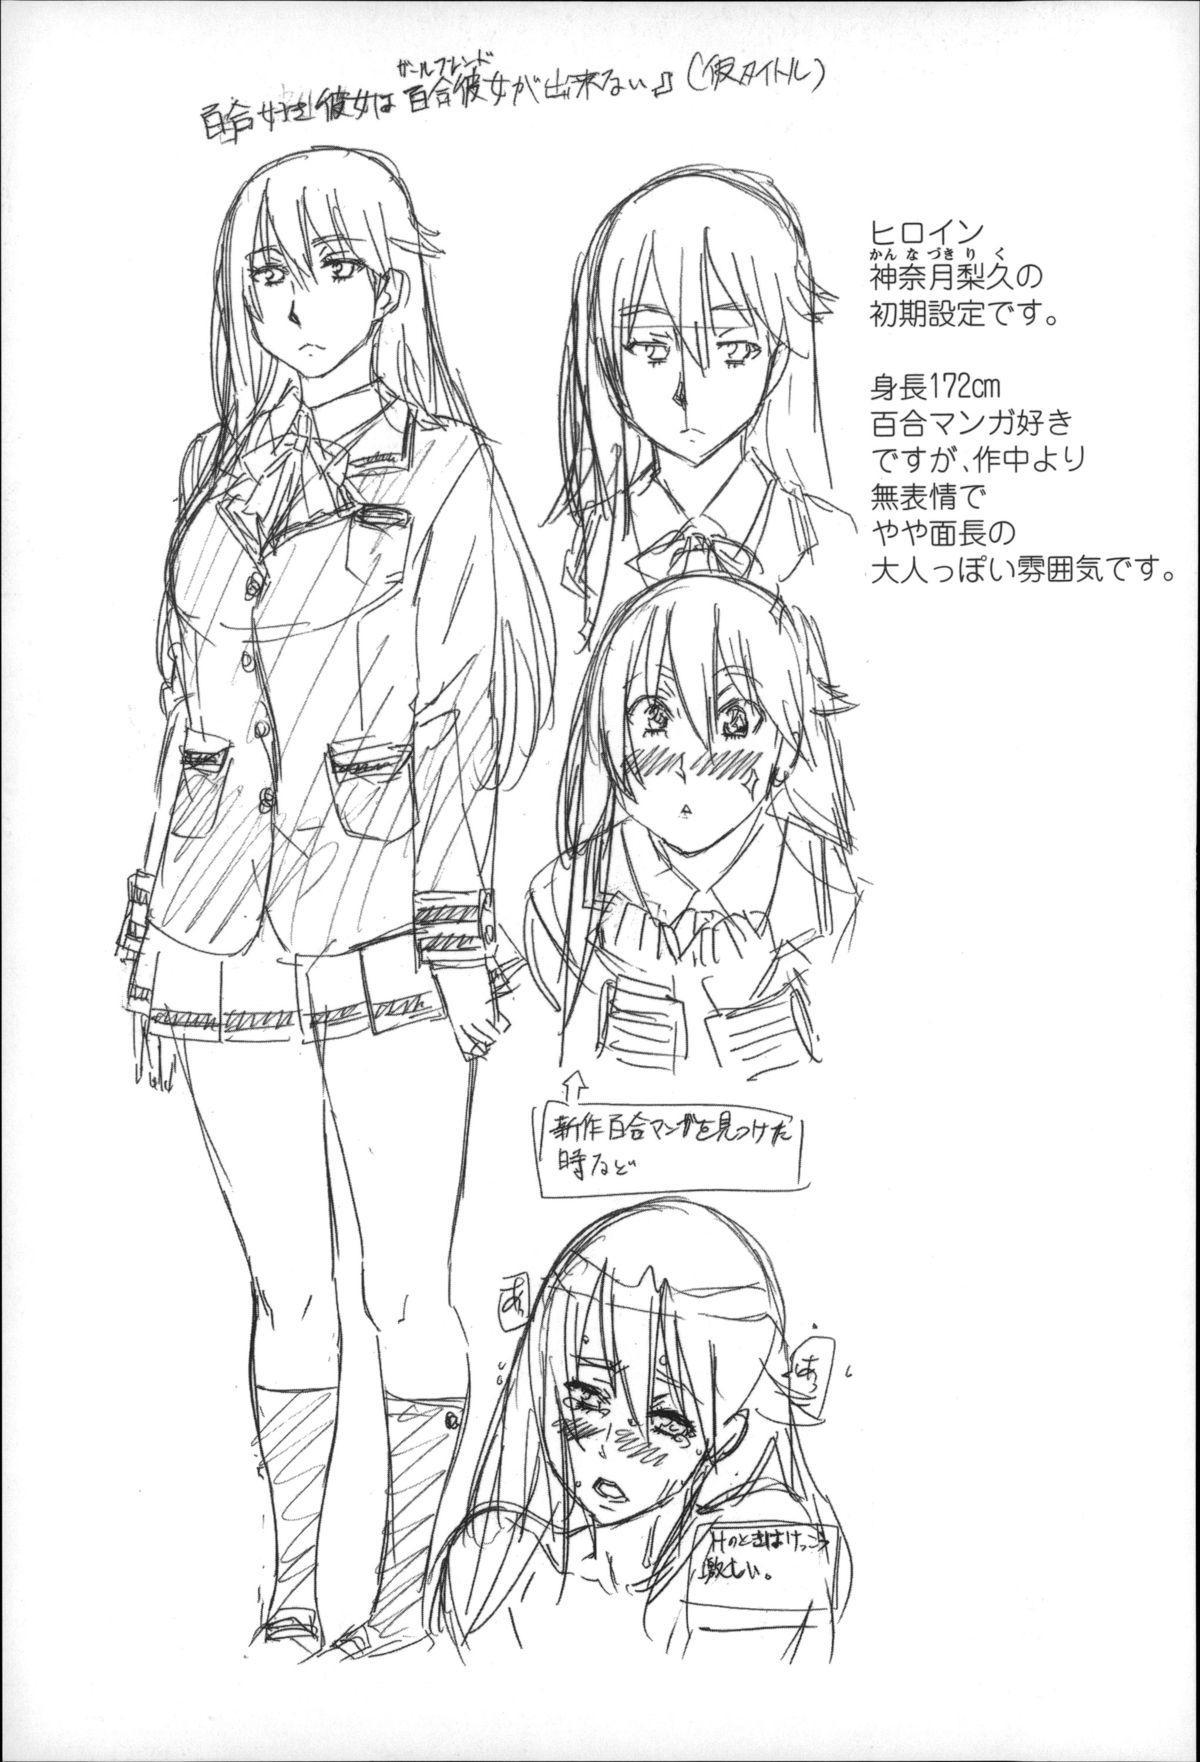 Choushin de Mukuchi no Kanojo ga Hatsujou Shite Kitara Eroiyo ne? 46